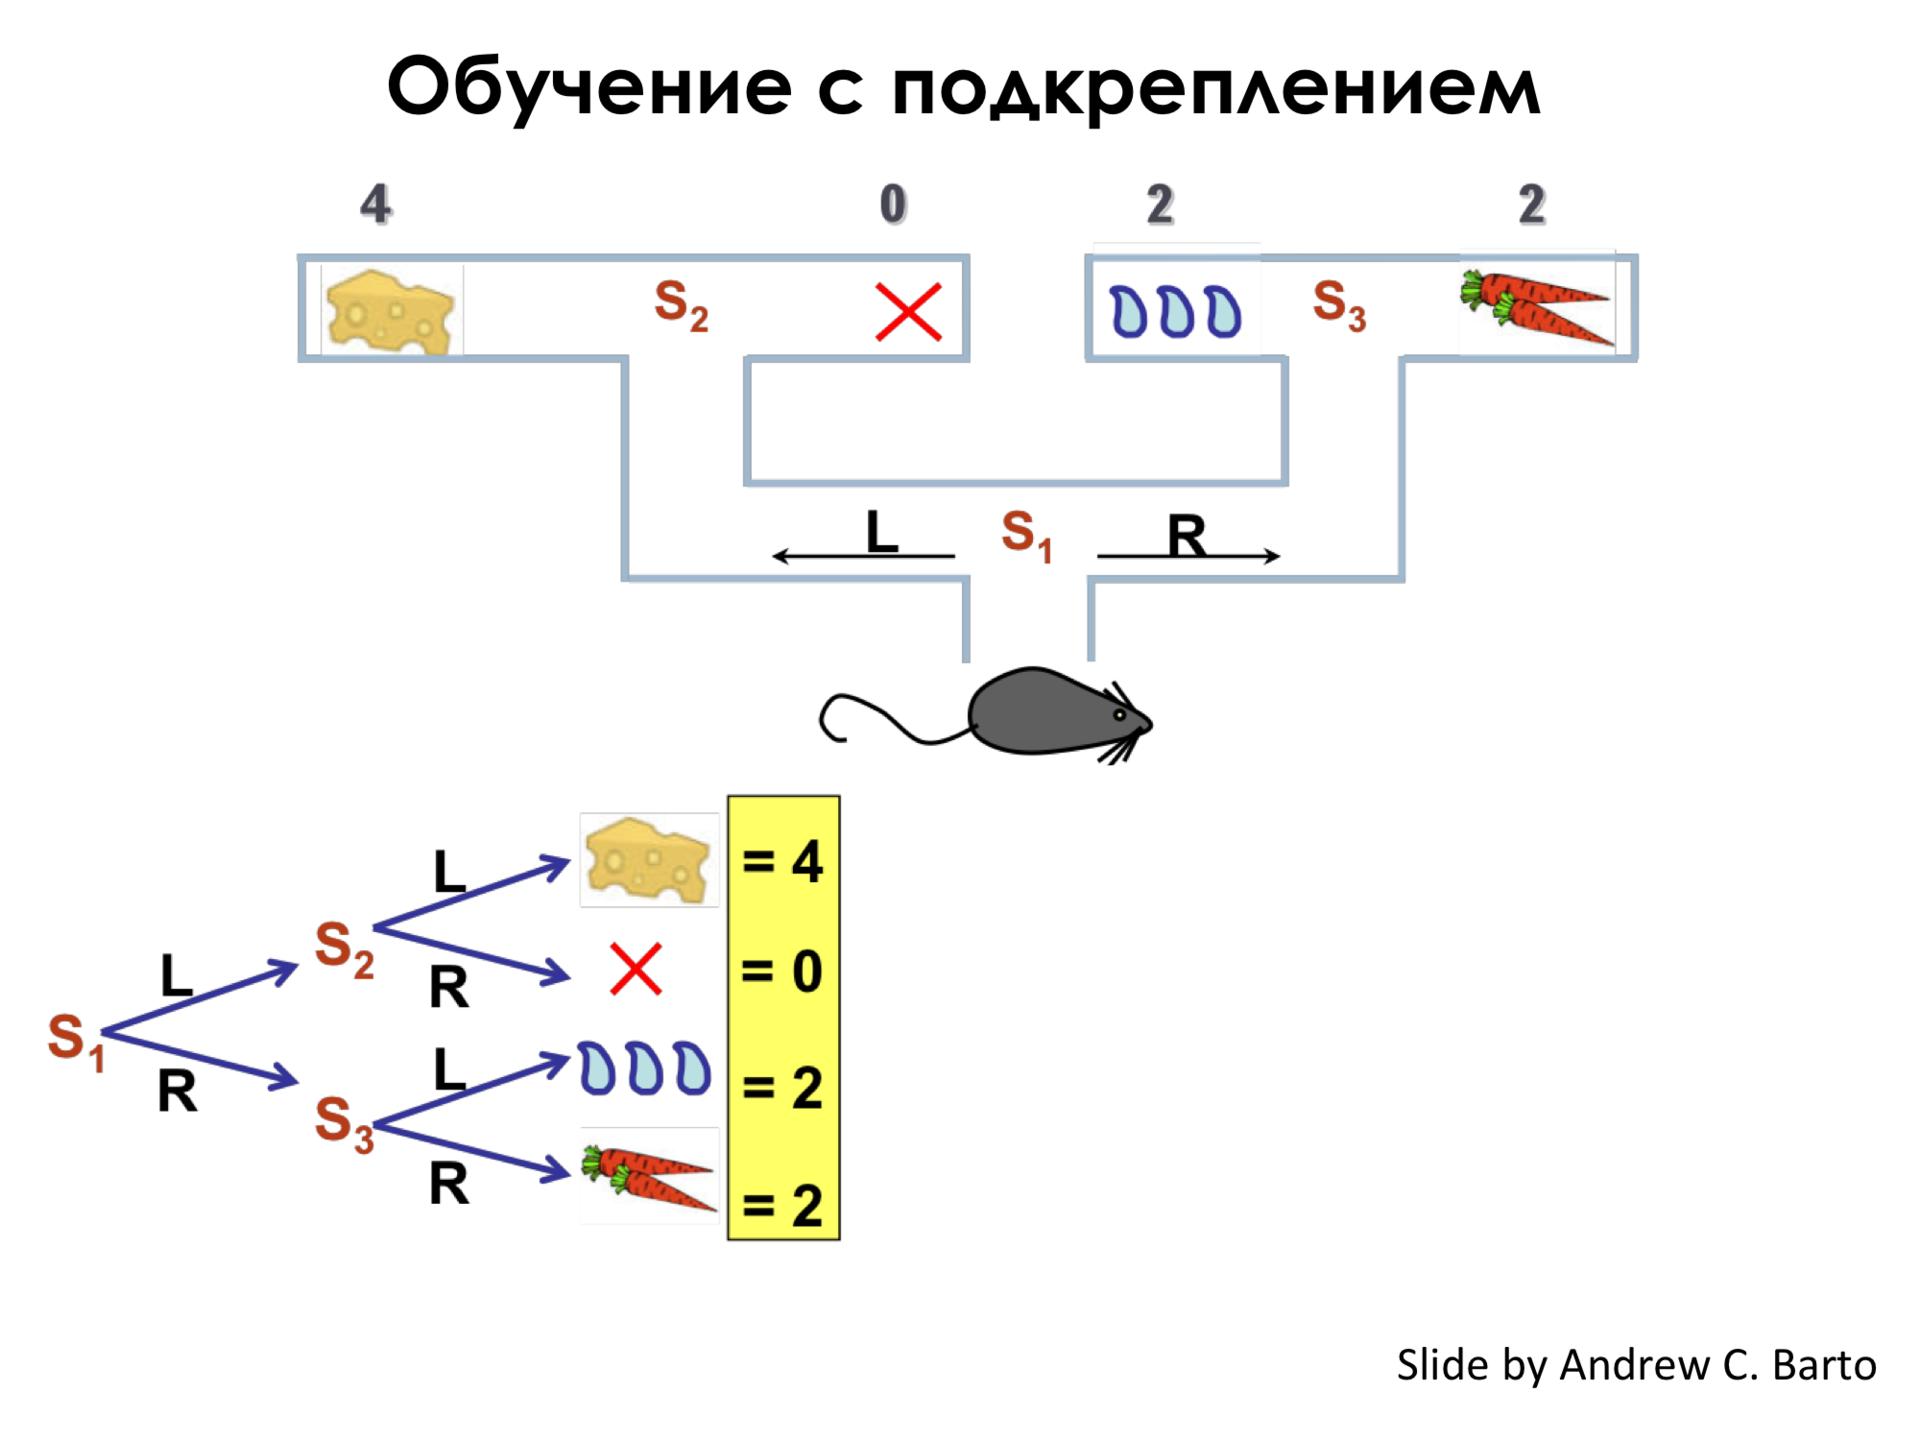 Самое главное о нейронных сетях. Лекция в Яндексе - 44